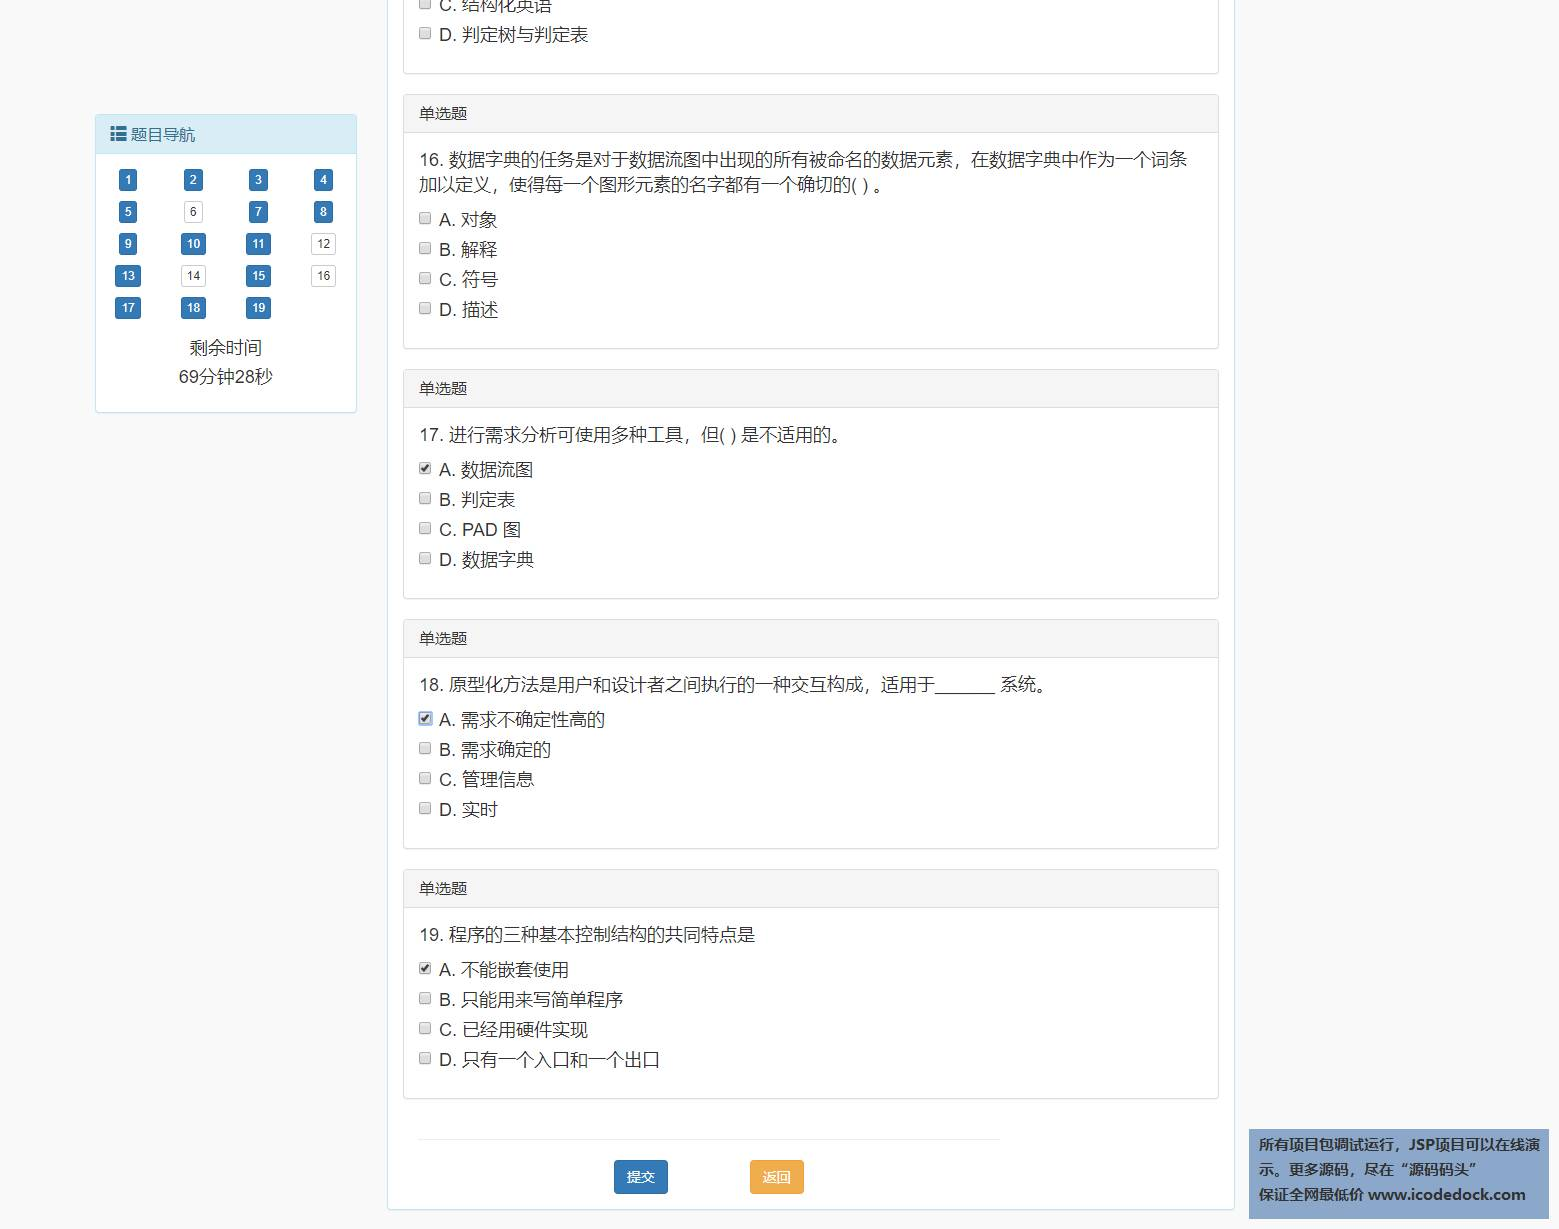 源码码头-SSM在线考试管理系统-学生角色-考试界面